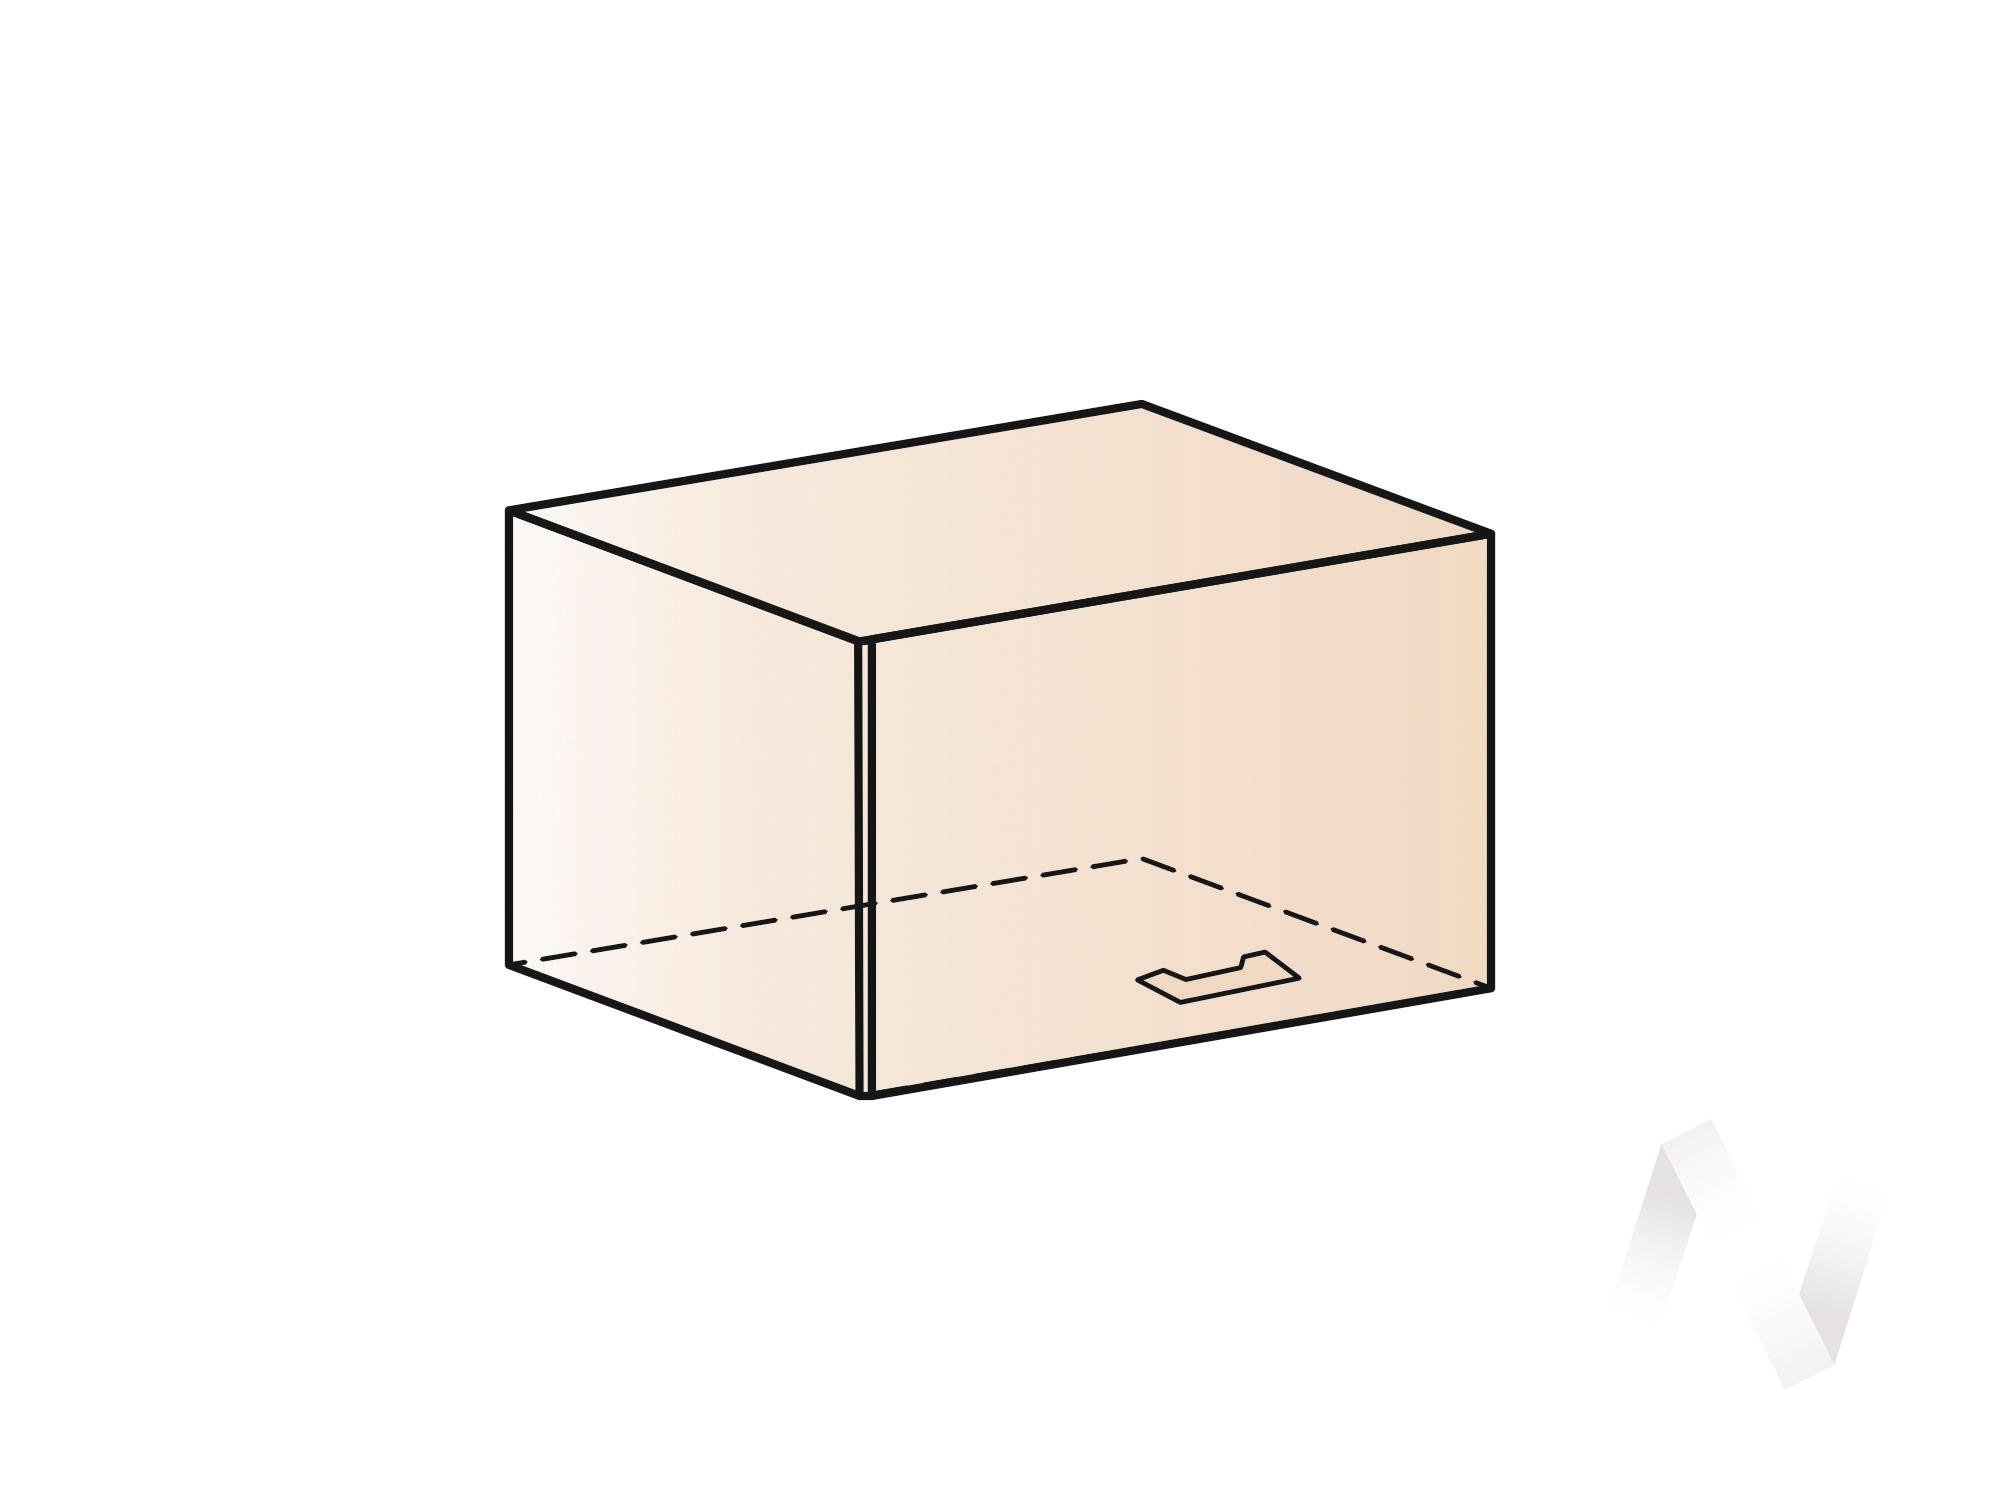 """Кухня """"Люкс"""": Шкаф верхний горизонтальный 600, ШВГ 600 (Гобелен шампань/корпус белый) в Новосибирске в интернет-магазине мебели kuhnya54.ru"""